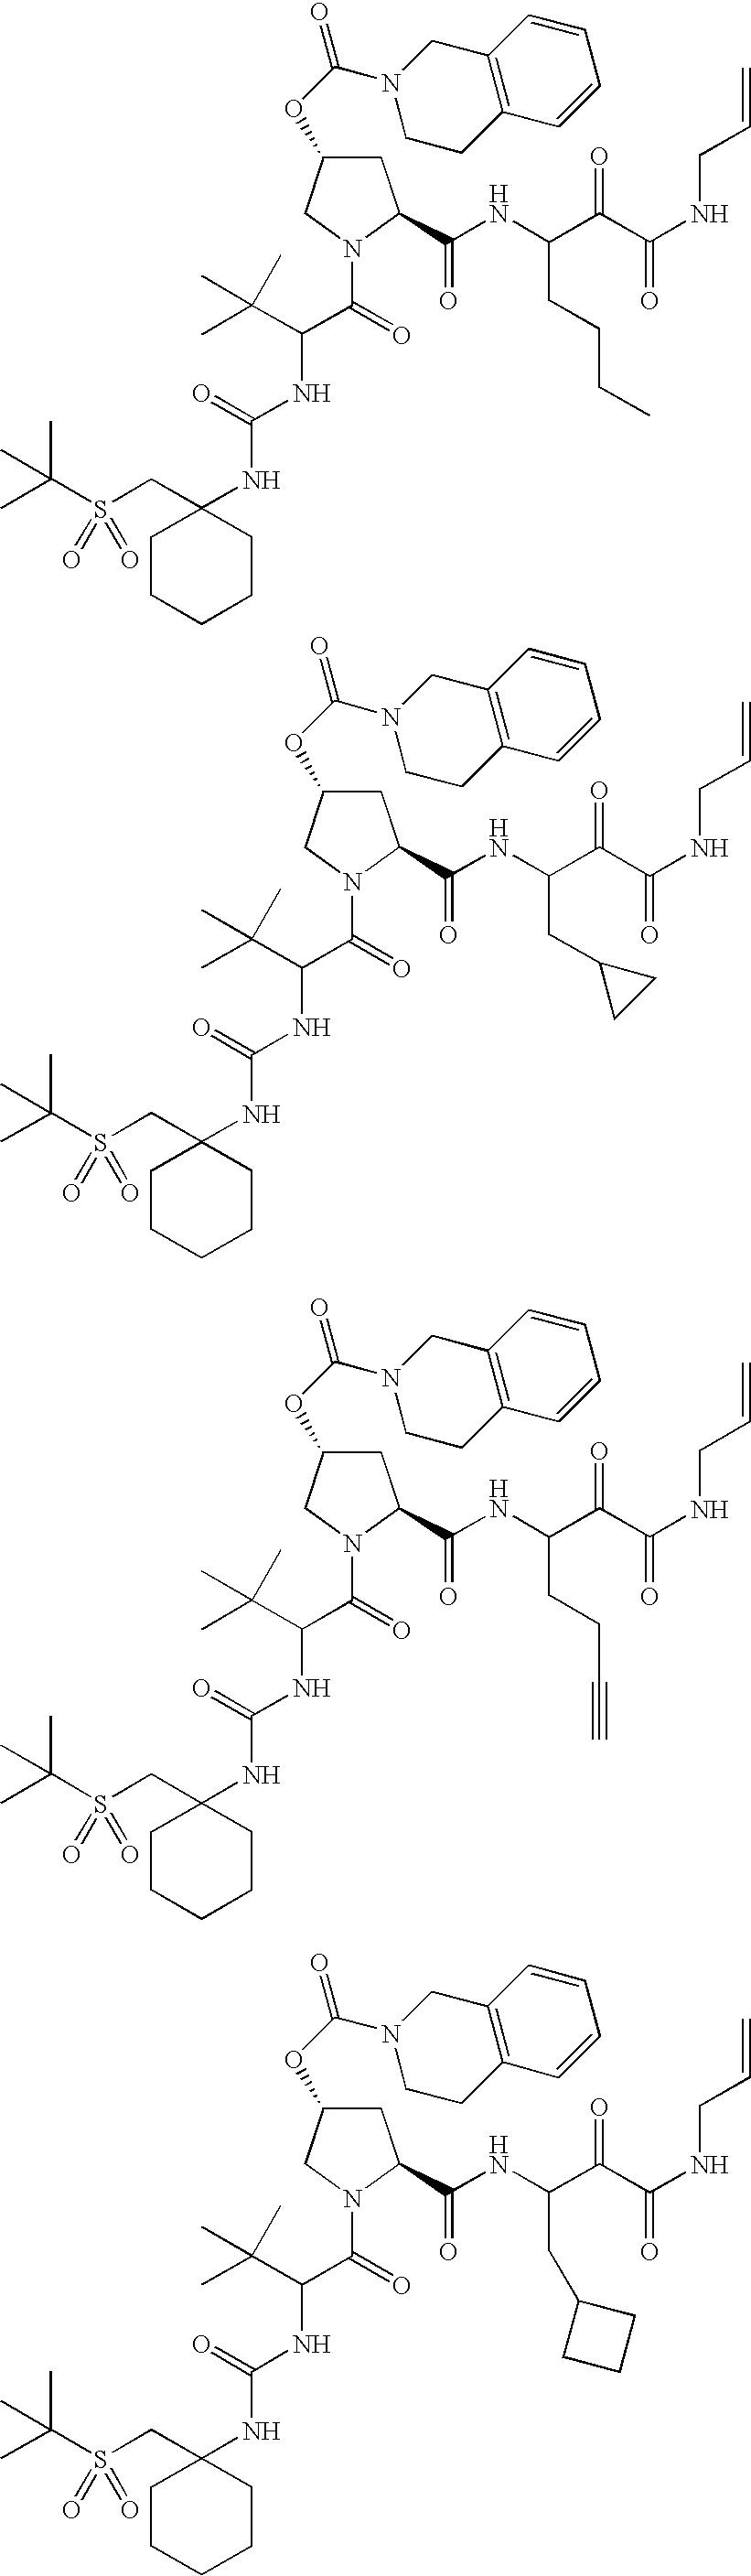 Figure US20060287248A1-20061221-C00577